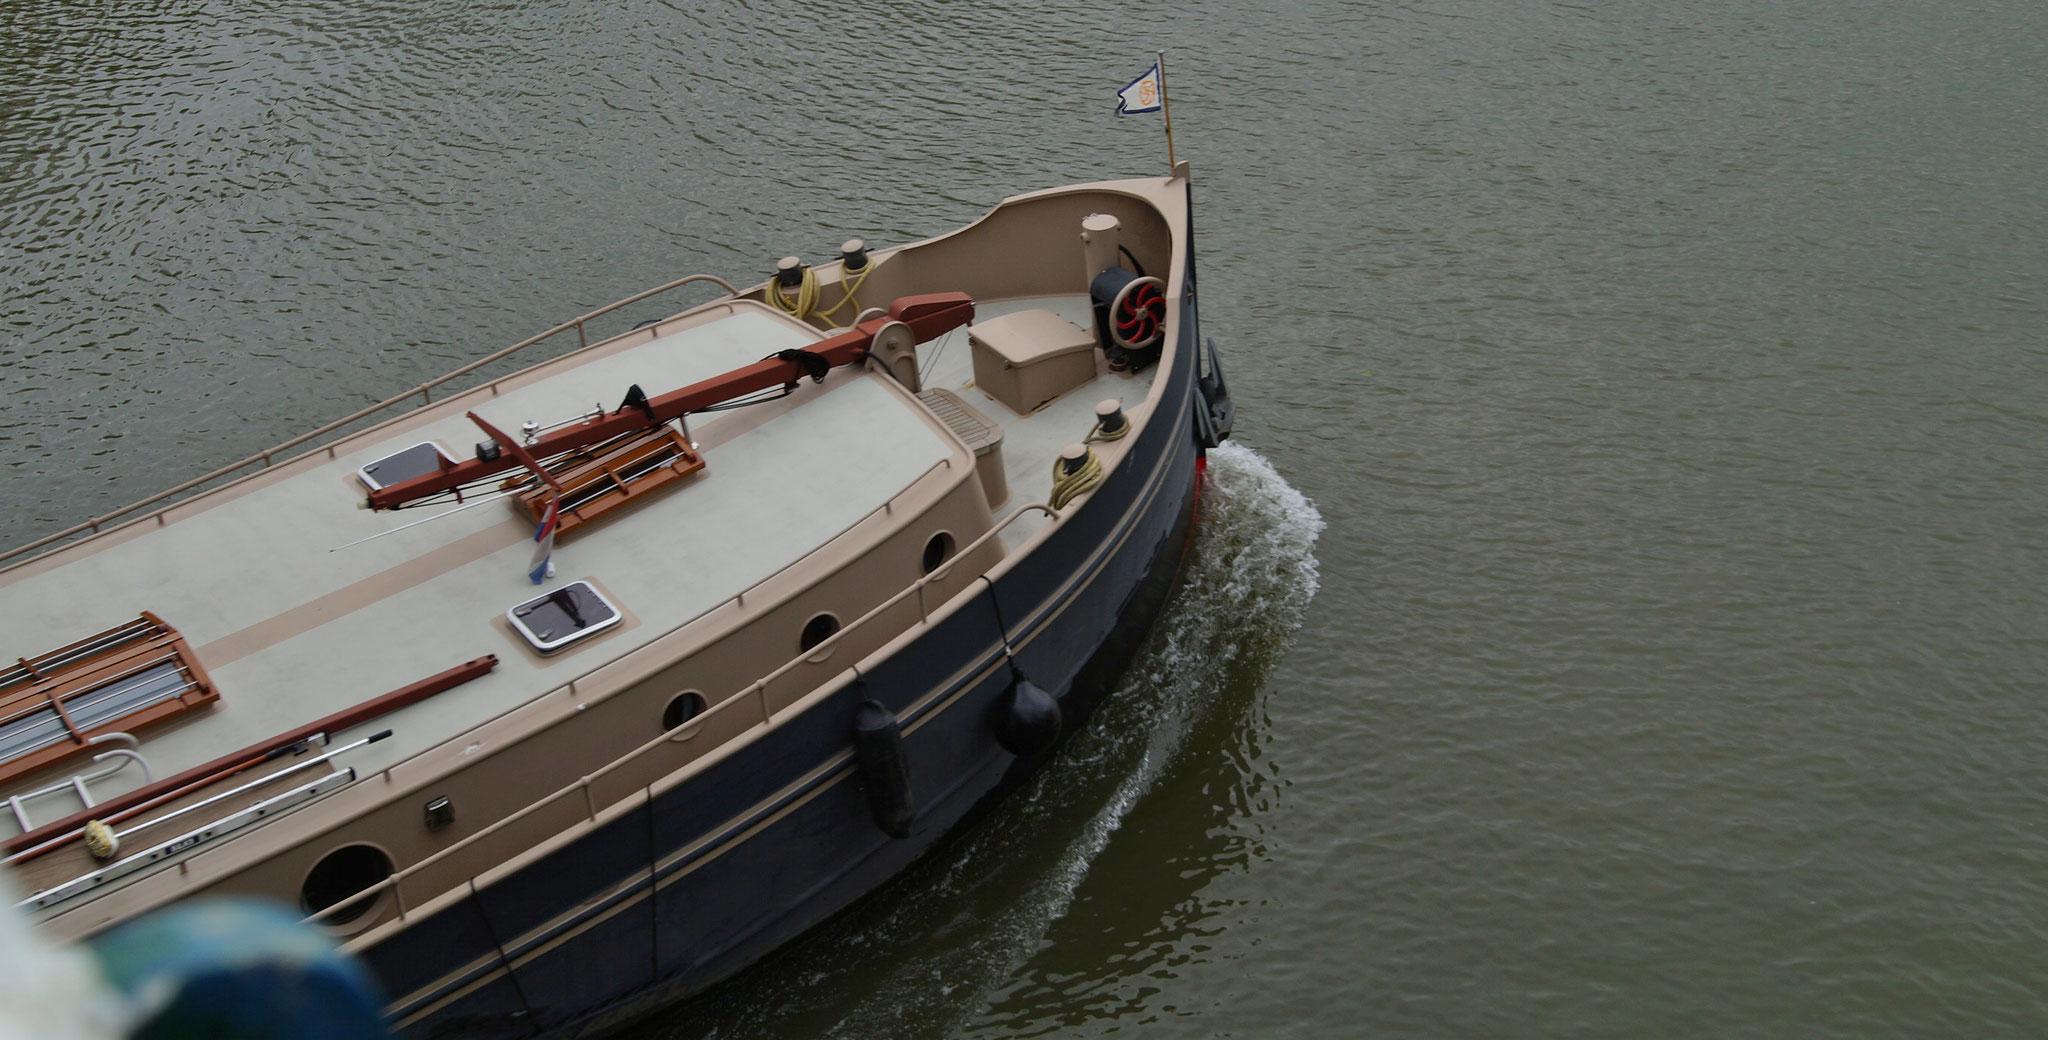 Reger Schiffsverkehr auf dem Julianakanal (NL)